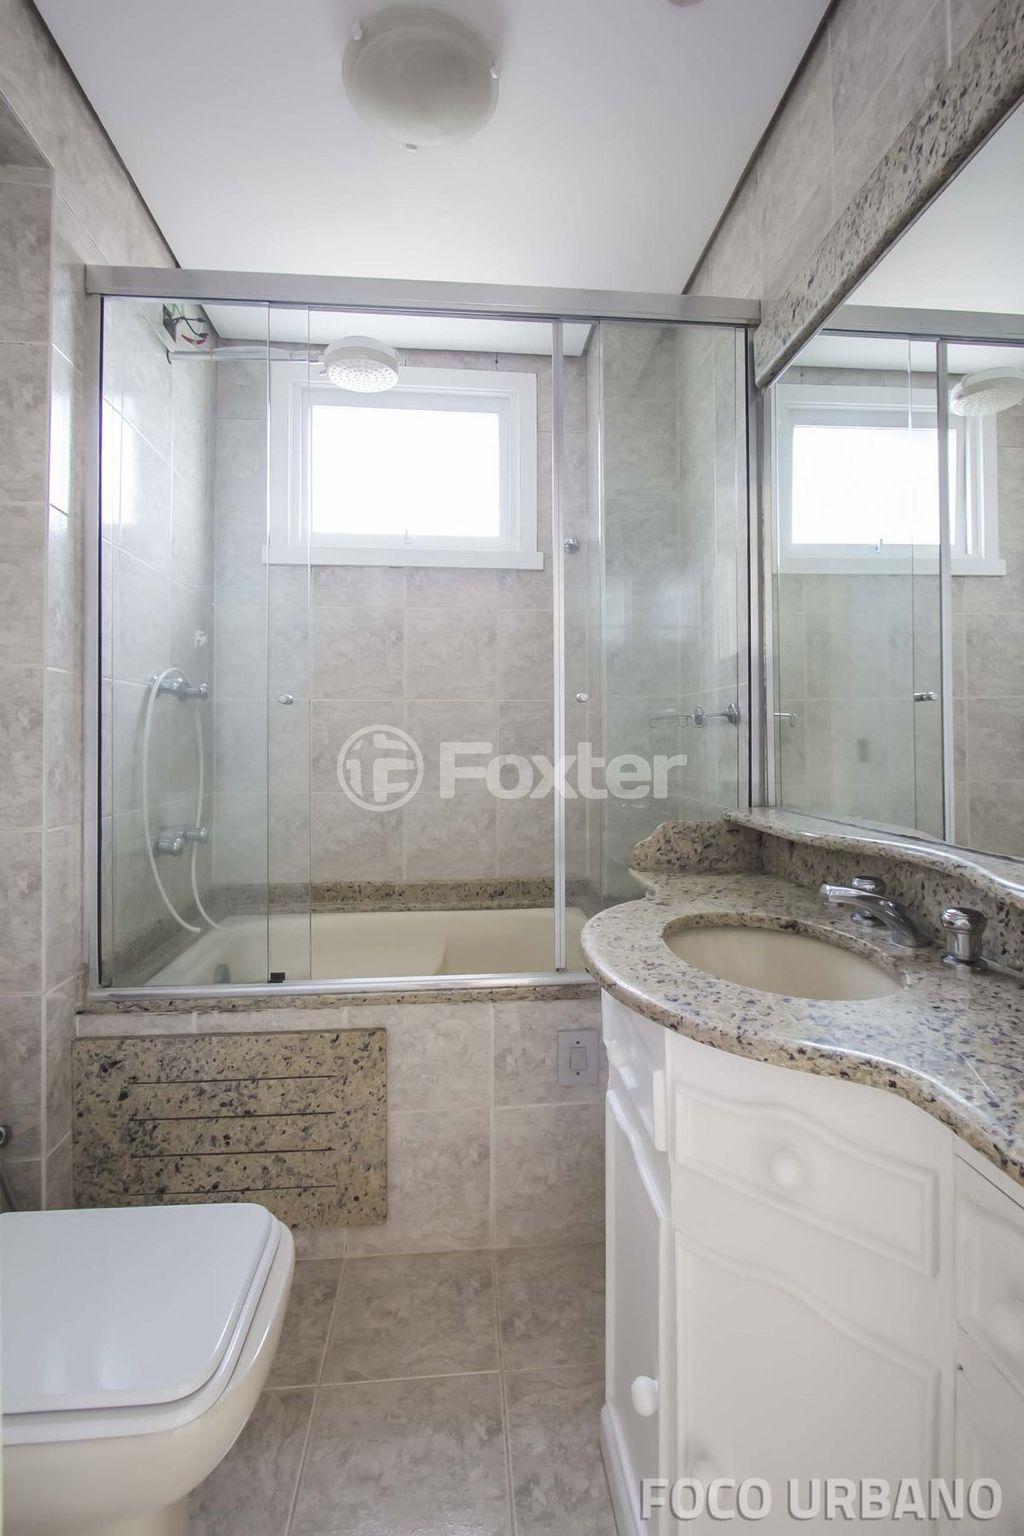 Foxter Imobiliária - Cobertura 2 Dorm (132146) - Foto 8